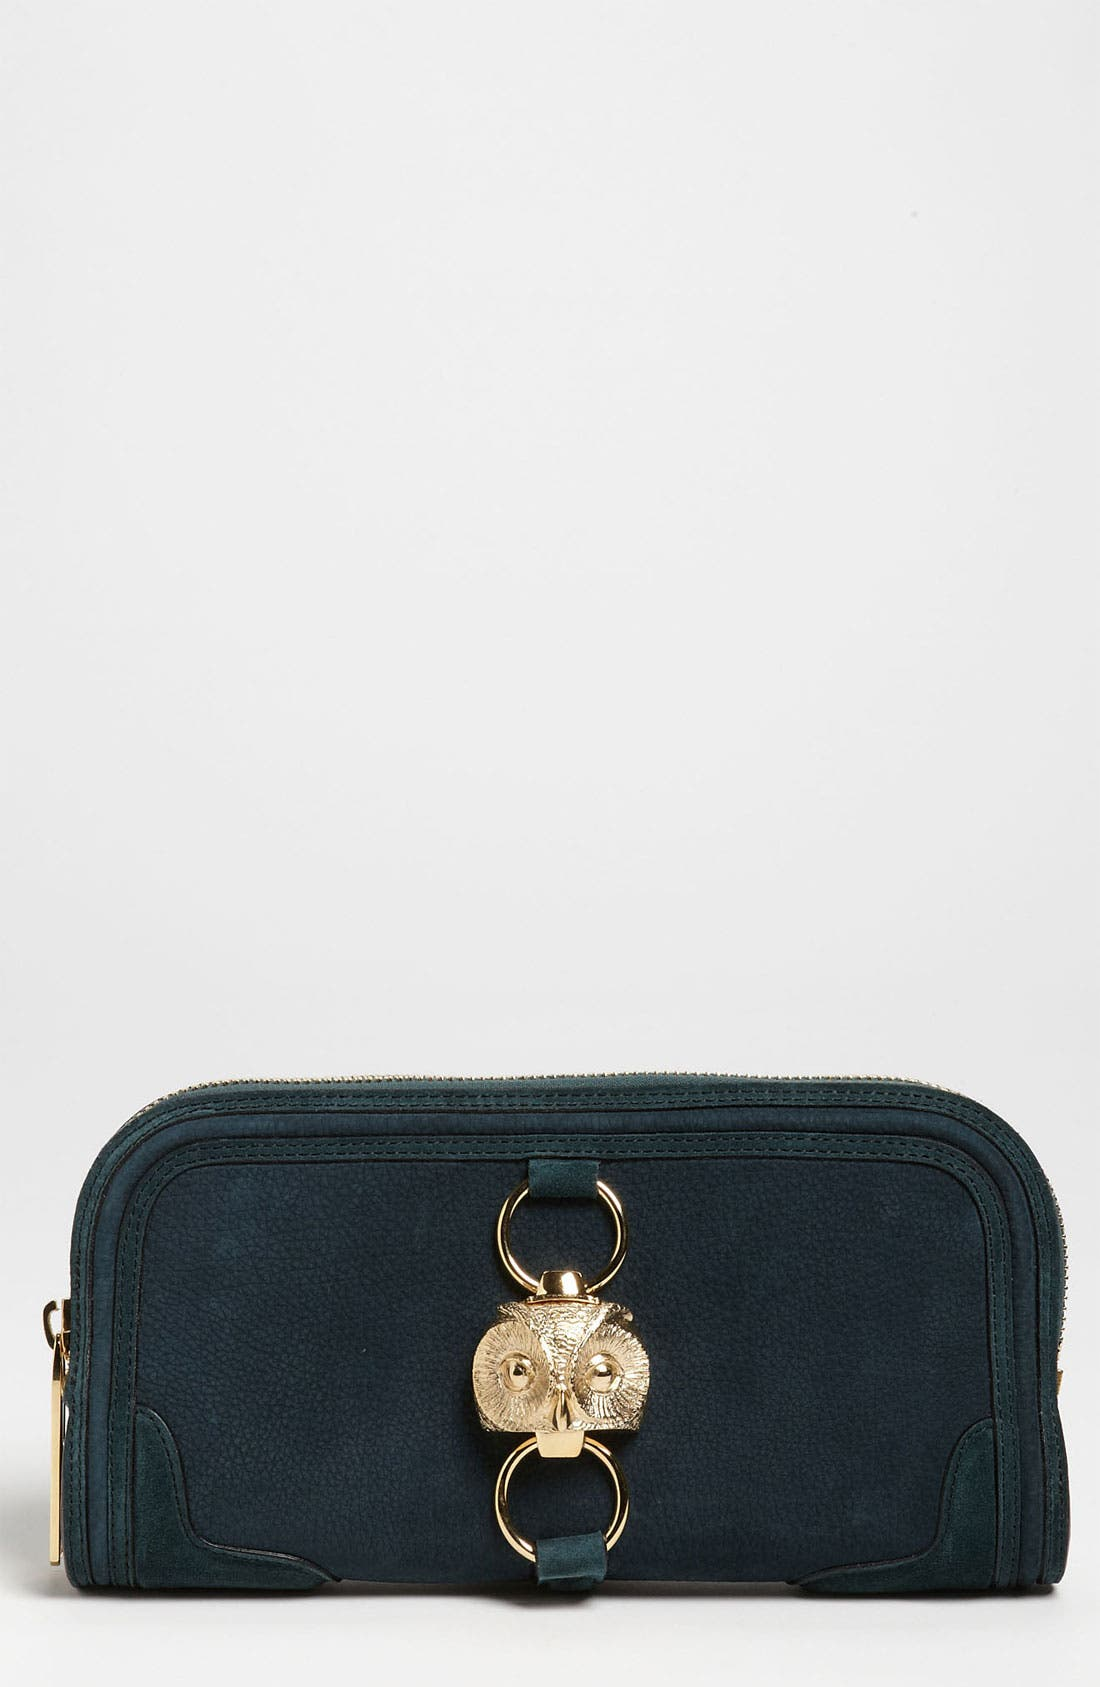 Main Image - Burberry Prorsum Nubuck Leather Clutch